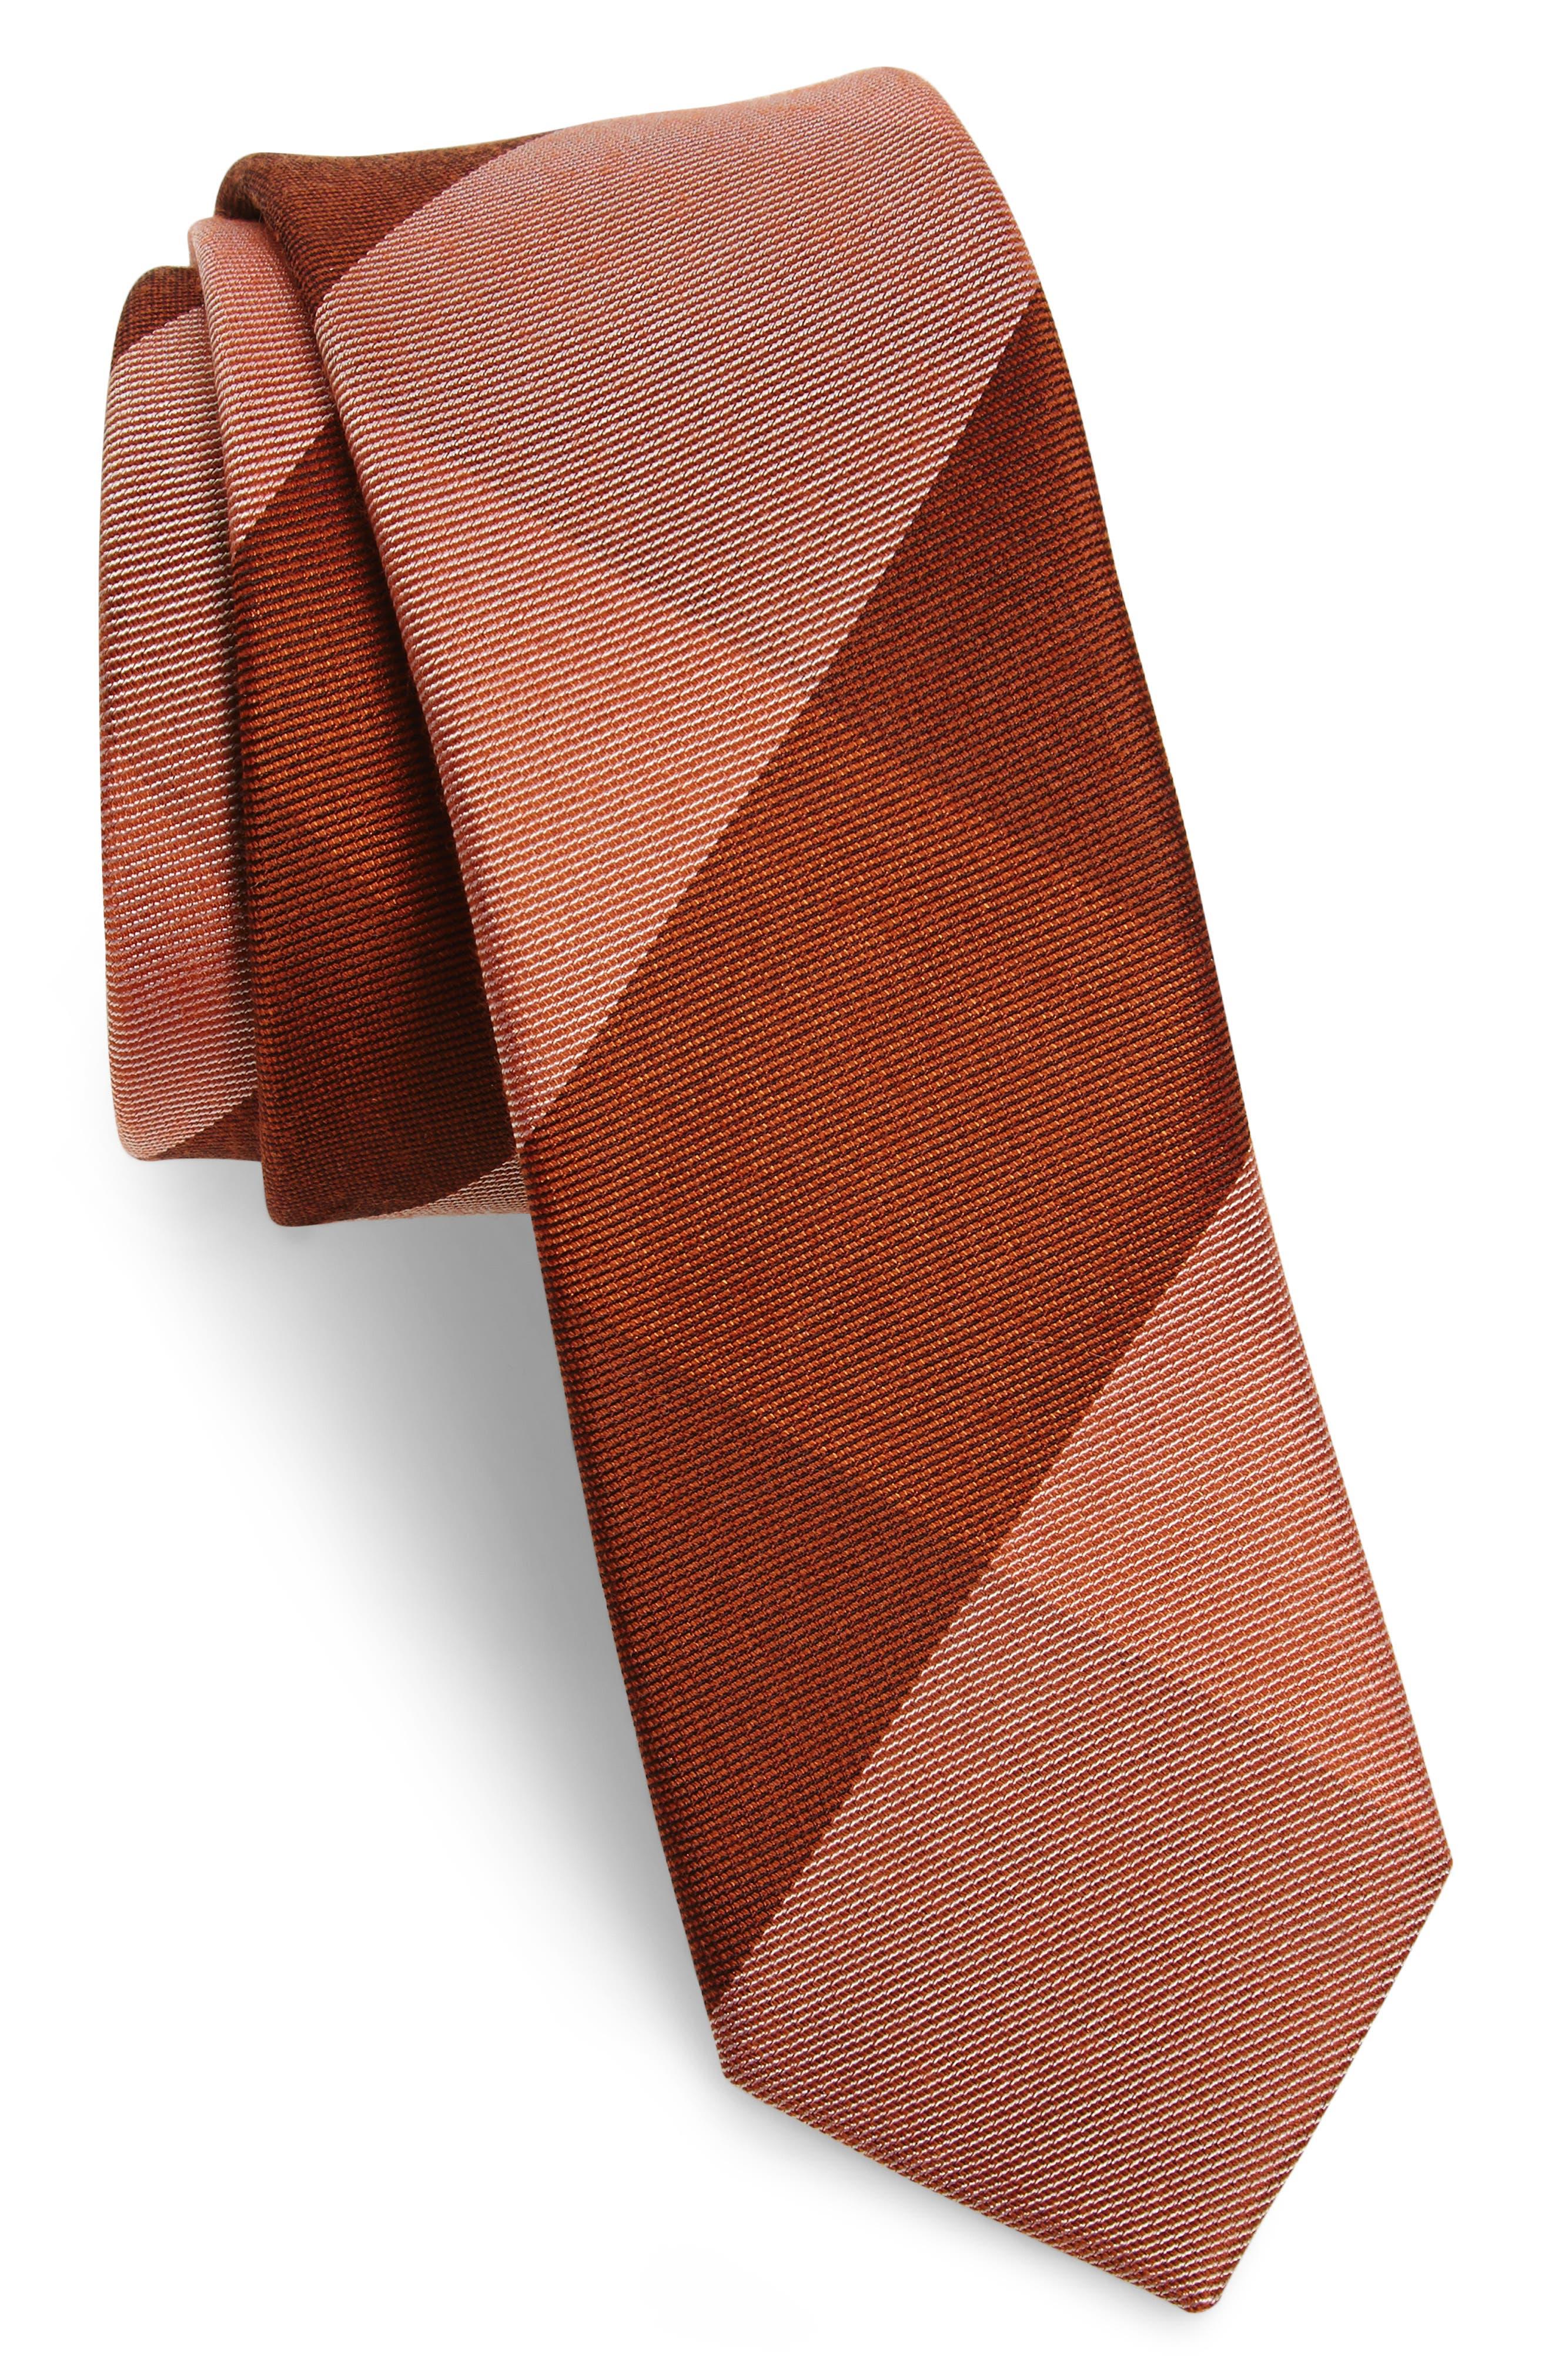 Alternate Image 1 Selected - The Tie Bar West Bison Plaid Wool & Silk Skinny Tie